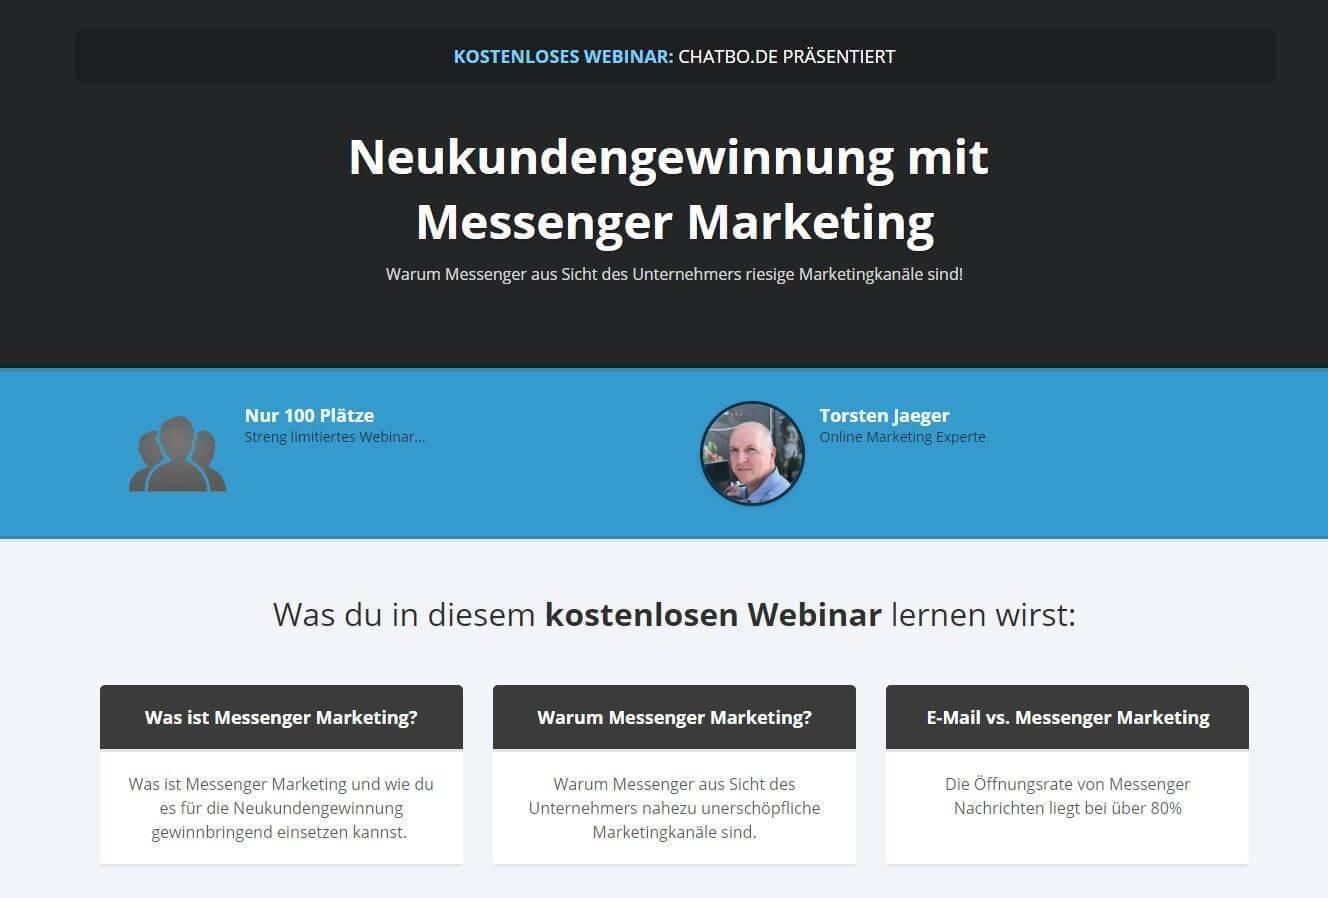 kostenloses Webinar chatbo